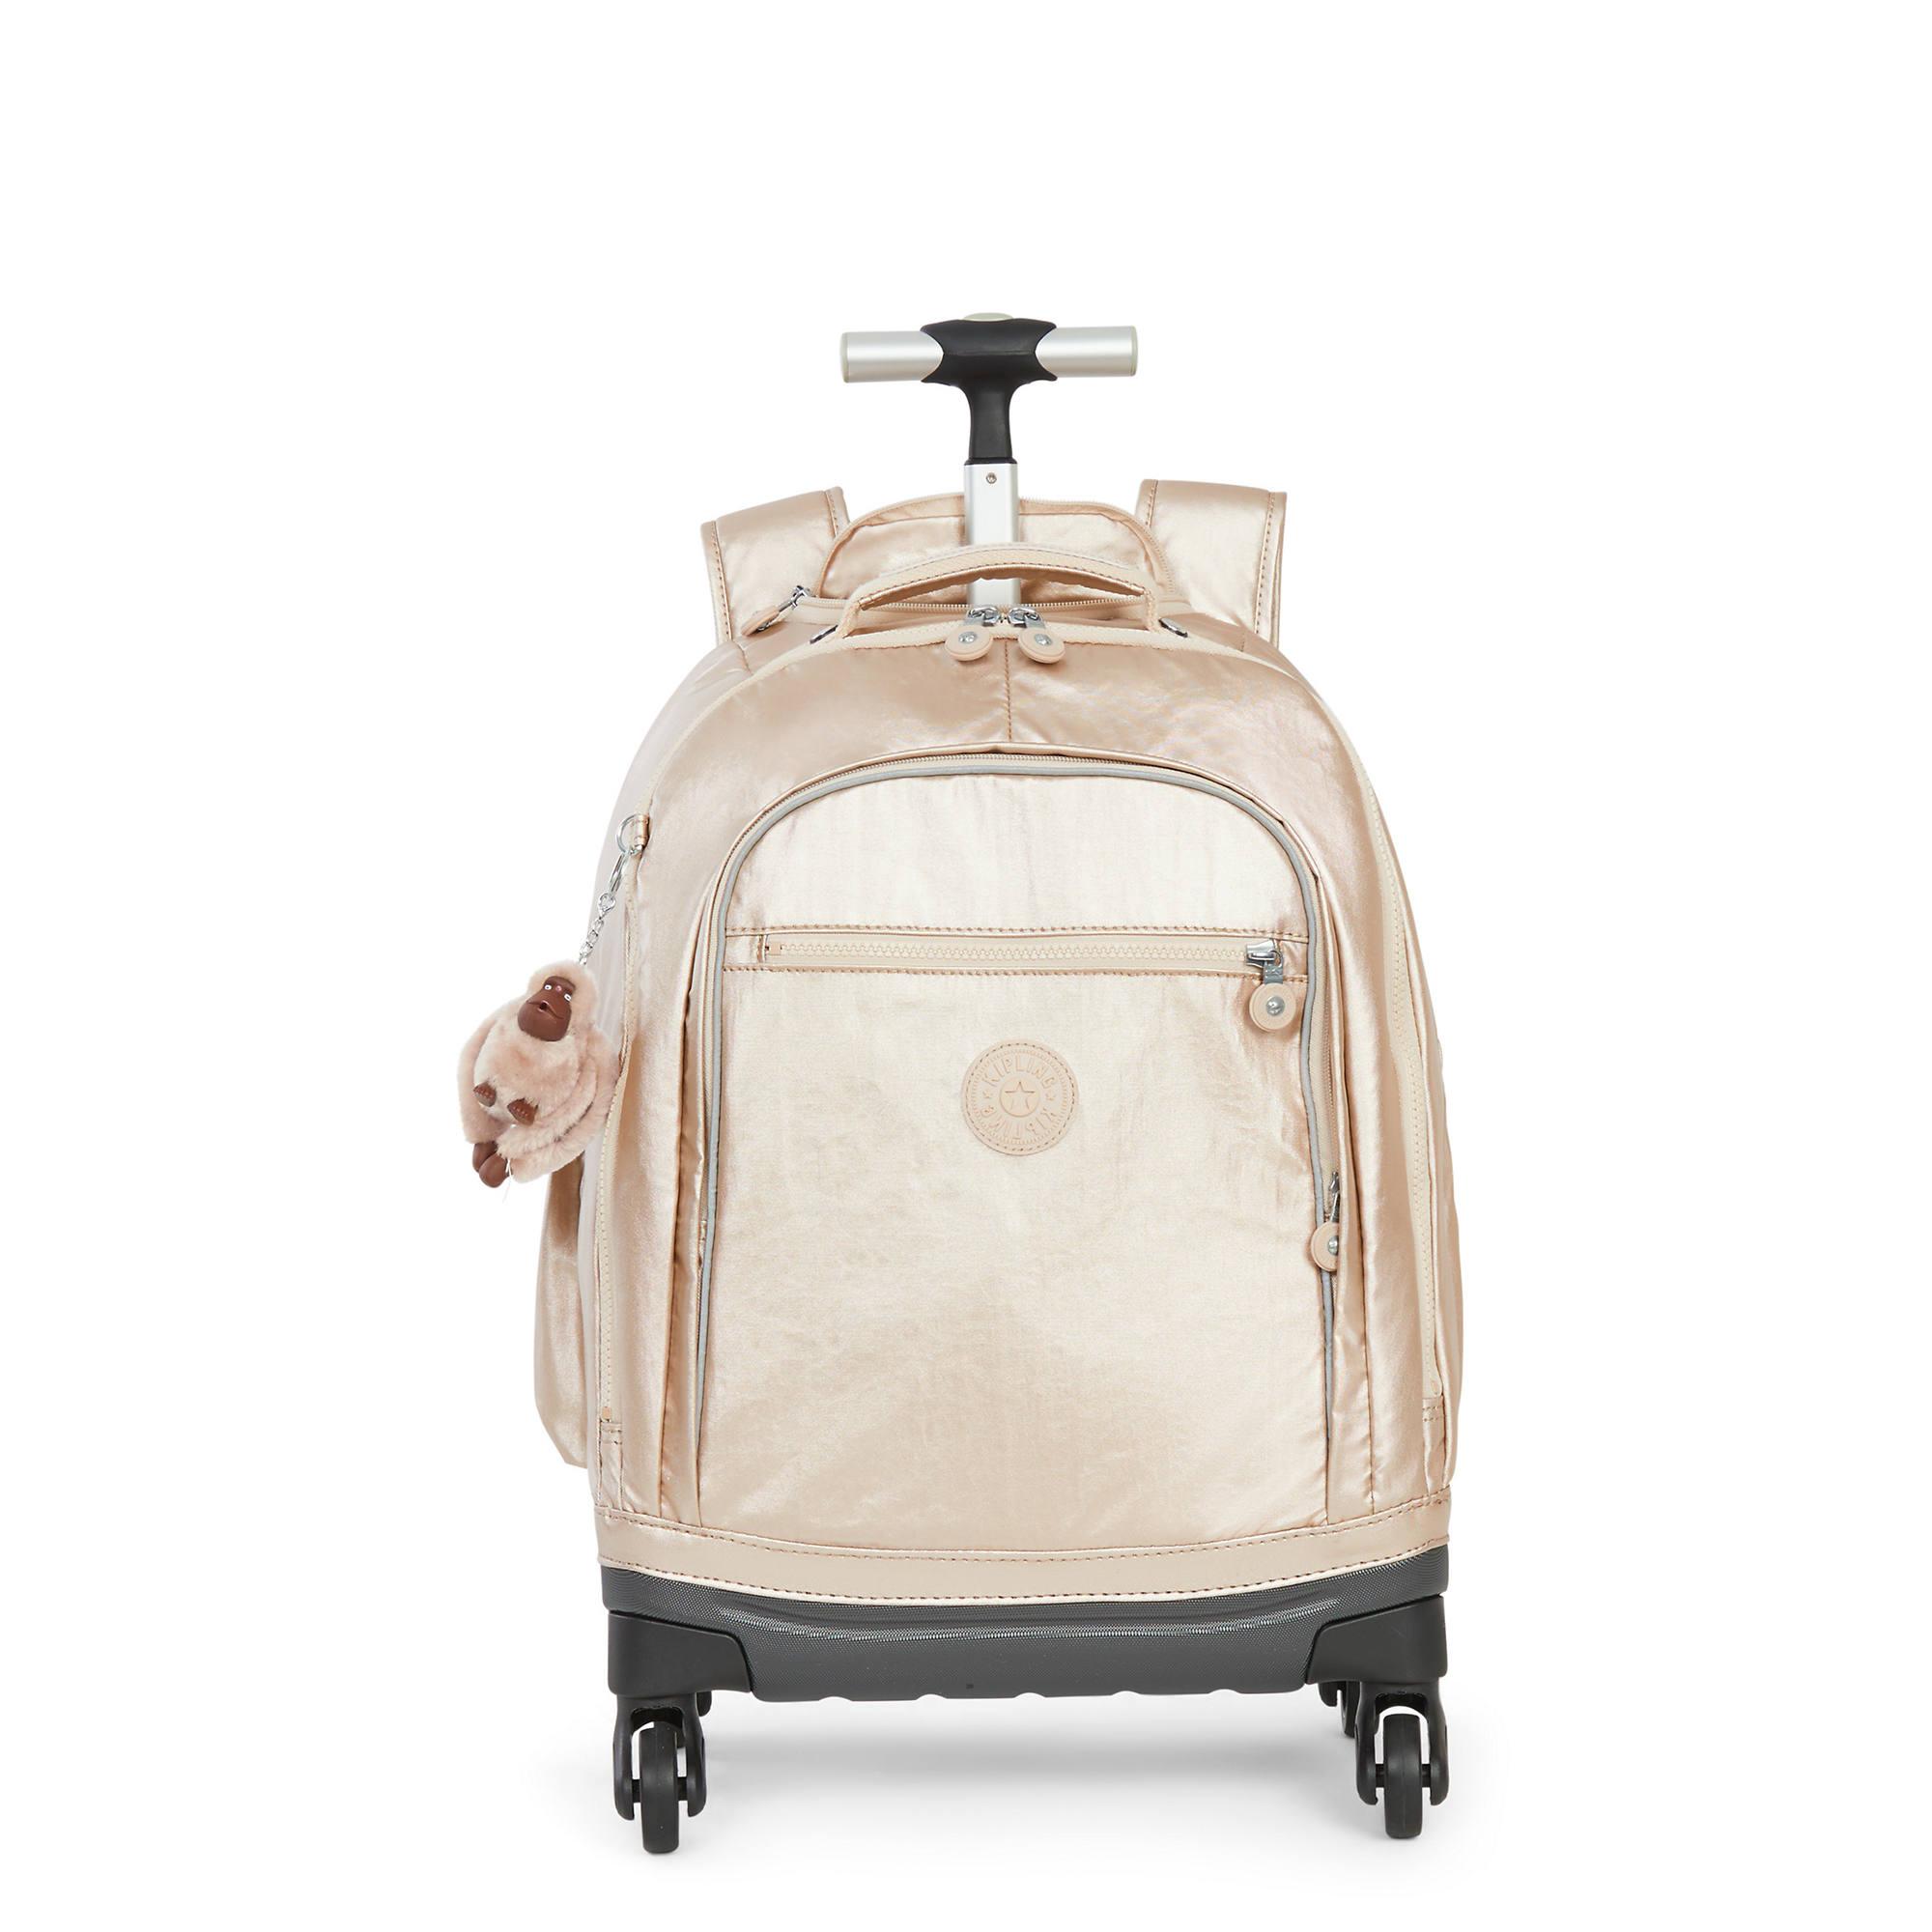 18cc66fc71 Echo II Metallic Rolling Backpack